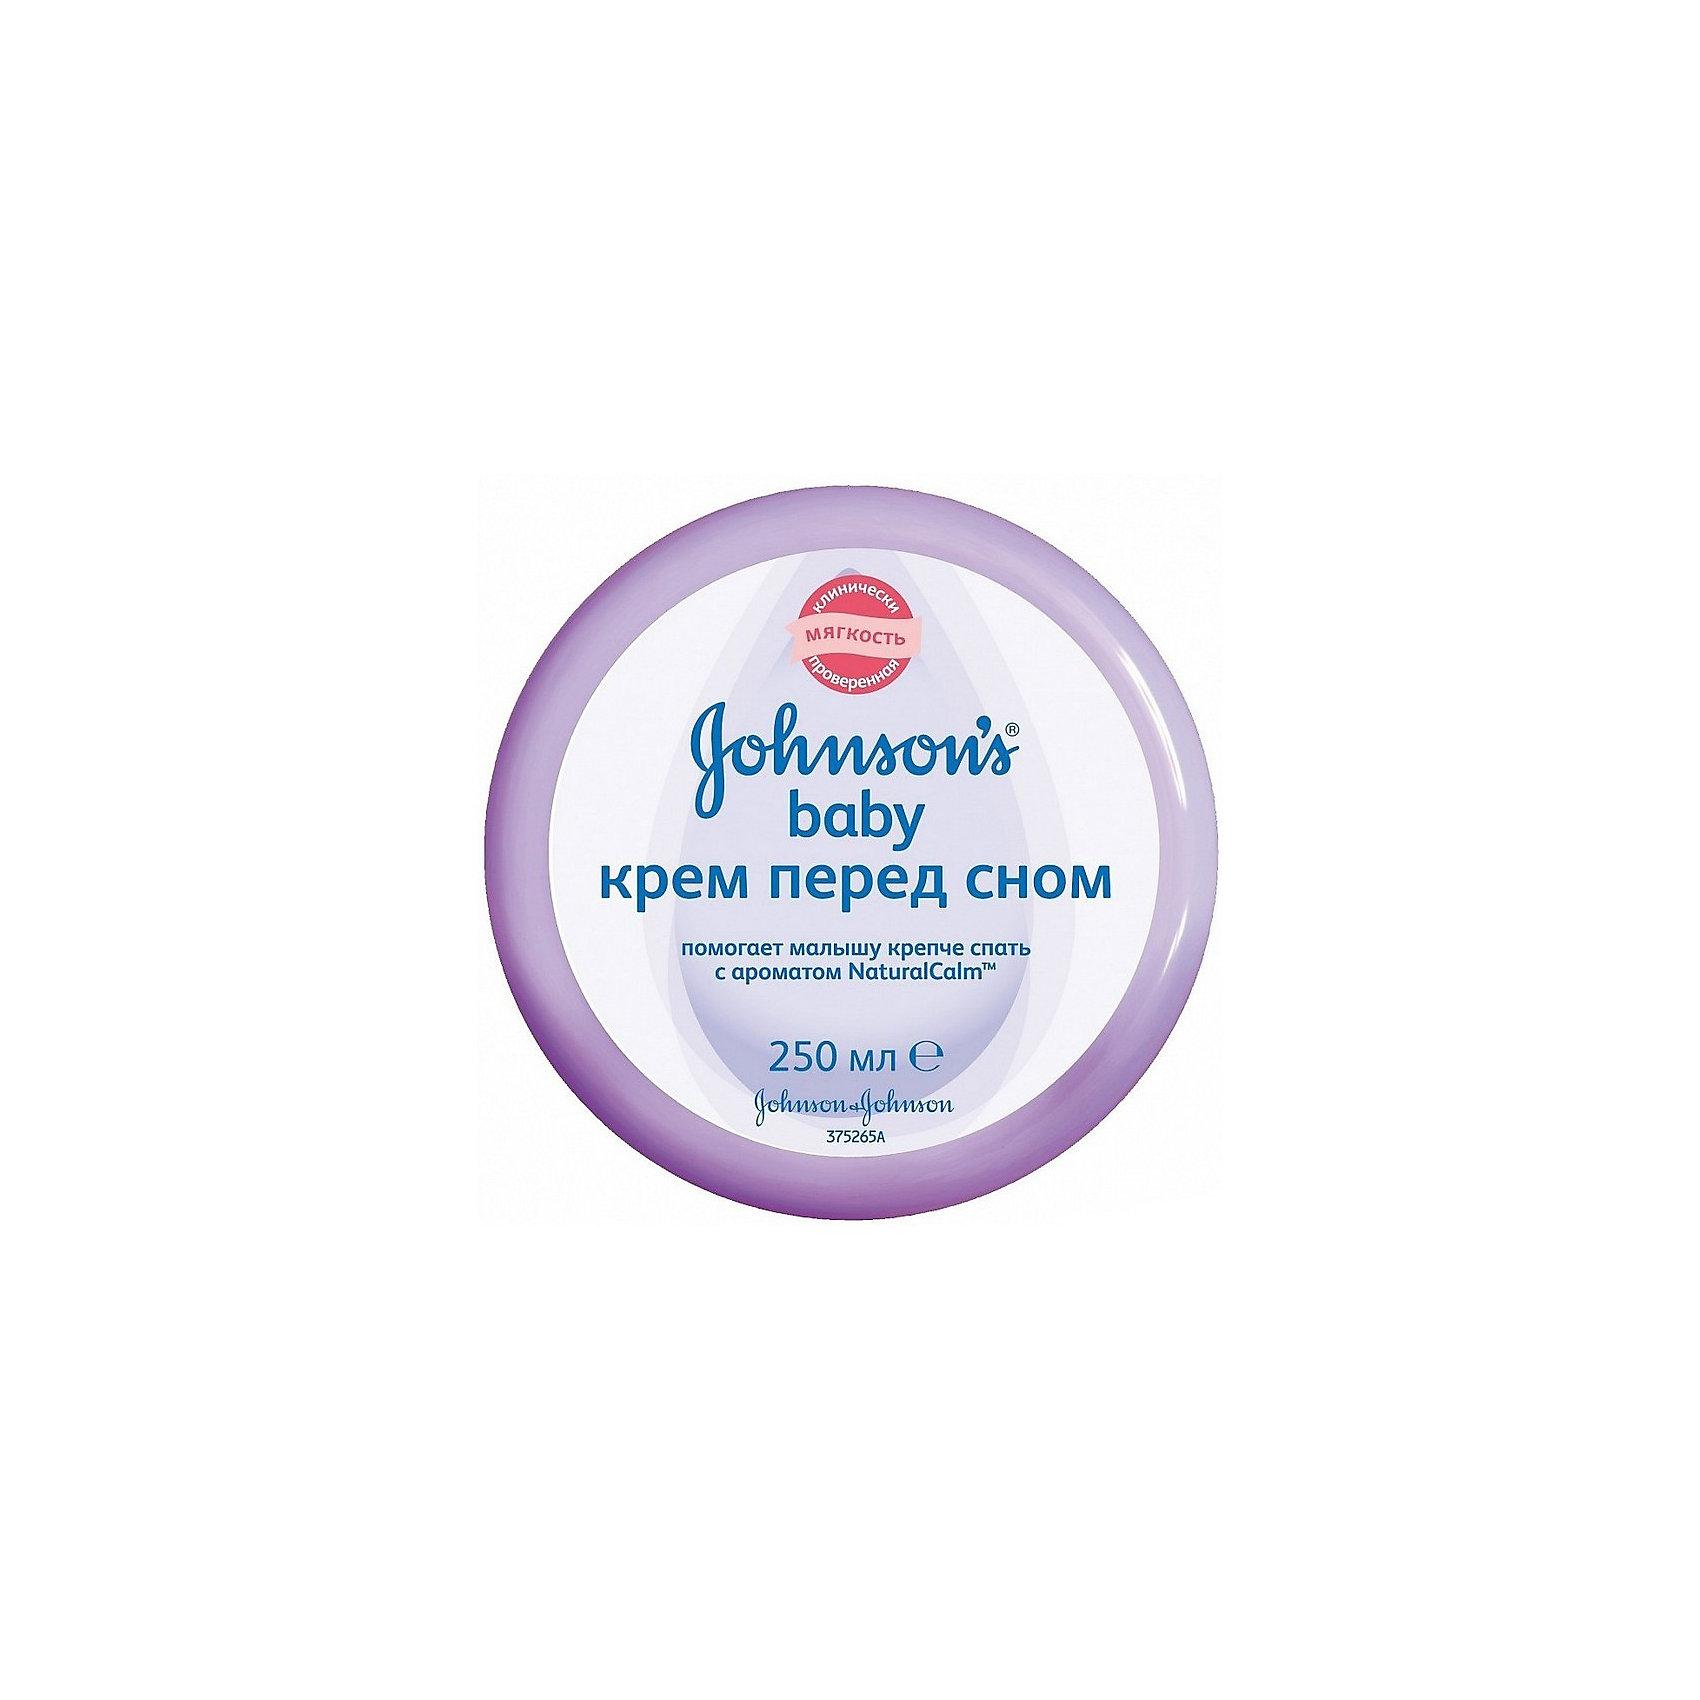 Детский крем перед сном, Johnson`s baby, 250 млКосметика для младенцев<br>Для здоровья малышей важен крепкий ночной сон. Вот почему Johnson`s baby (Джонсонс Бэби) разработали и клинически протестировали комплекс «Перед сном», помогающий Вашему малышу быстрее заснуть и крепче спать. <br>Детский крем Johnson`s baby (Джонсонс Бэби) «Перед сном» c успокаивающим ароматом NaturalCalm поможет успокоить малыша и настроить его на здоровый и крепкий сон. Нежный аромат оказывает успокаивающее действие на малыша во время вечерних процедур. Нанесенный на кожу после купания, крем увлажняет и защищает ее, помогая сохранить ее естественную мягкость. <br><br>Дополнительная информация:<br><br>- Входит в состав системы ухода «Перед сном», которая помогает малышу быстрее заснуть и крепче спать;<br>- Содержит запатентованный аромат NaturalCalm™, который настраивает малыша на спокойный сон;<br>- Формула «Клинически проверенная мягкость» обеспечивает безопасное, мягкое и нежное увлажнение и питание кожи малыша;<br>- Подходит для детей от 6-ти месяцев;<br>- Не содержит парабенов;<br>- Гипоаллергенен;<br>- Объем: 250 мл<br><br>Детский крем перед сном Johnson`s baby (Джонсонс Бэби), 250 мл можно купить в нашем интернет-магазине.<br><br>Ширина мм: 96<br>Глубина мм: 96<br>Высота мм: 44<br>Вес г: 275<br>Возраст от месяцев: 0<br>Возраст до месяцев: 48<br>Пол: Унисекс<br>Возраст: Детский<br>SKU: 3663425